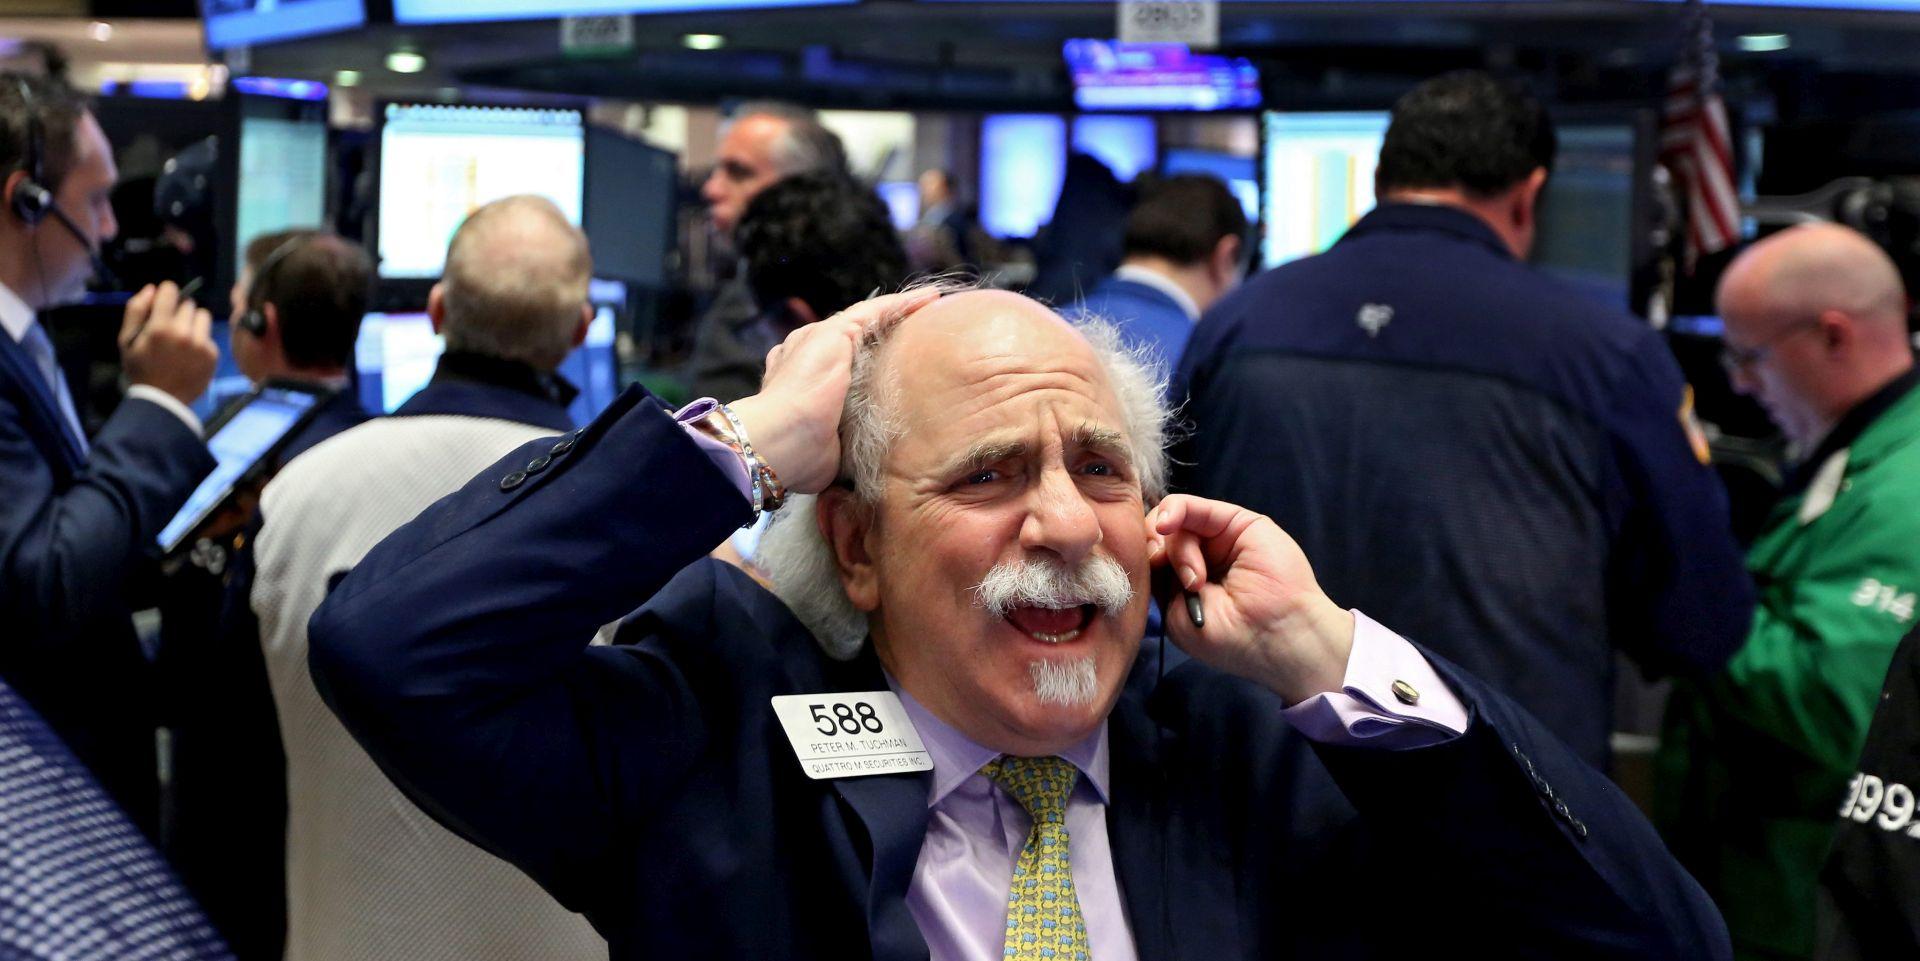 SVJETSKA TRŽIŠTA Na Wall Street S&P 500 zaronio najniže od 2014.